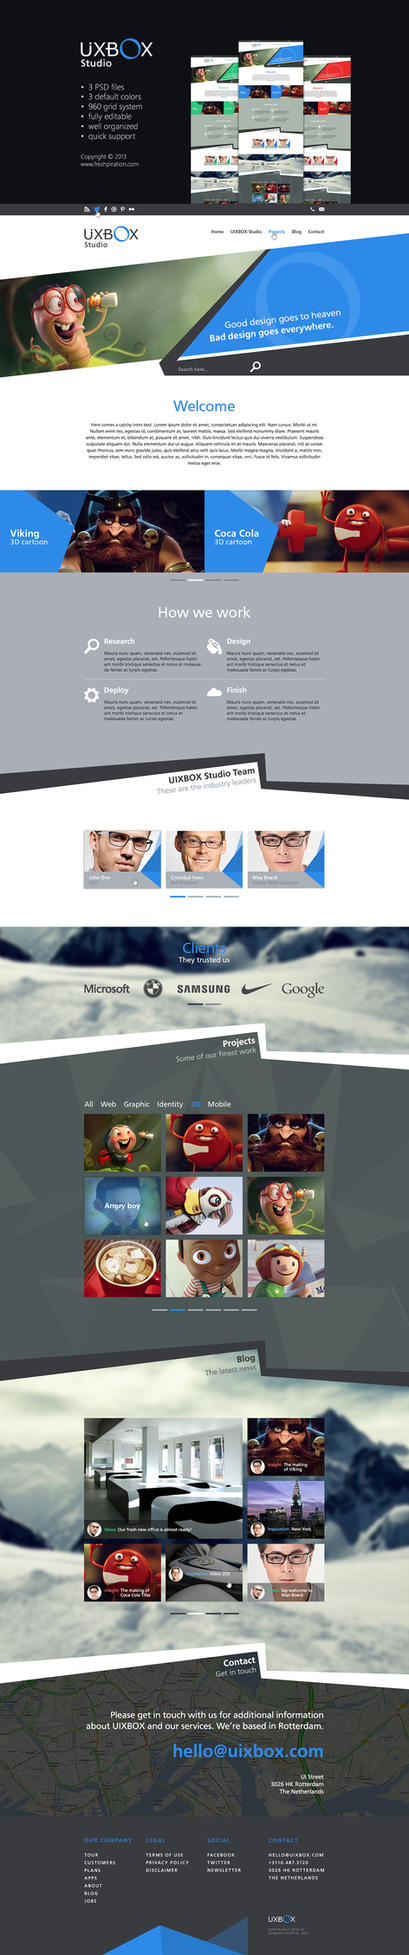 UIXBOX Web Design by SMHYLMZ